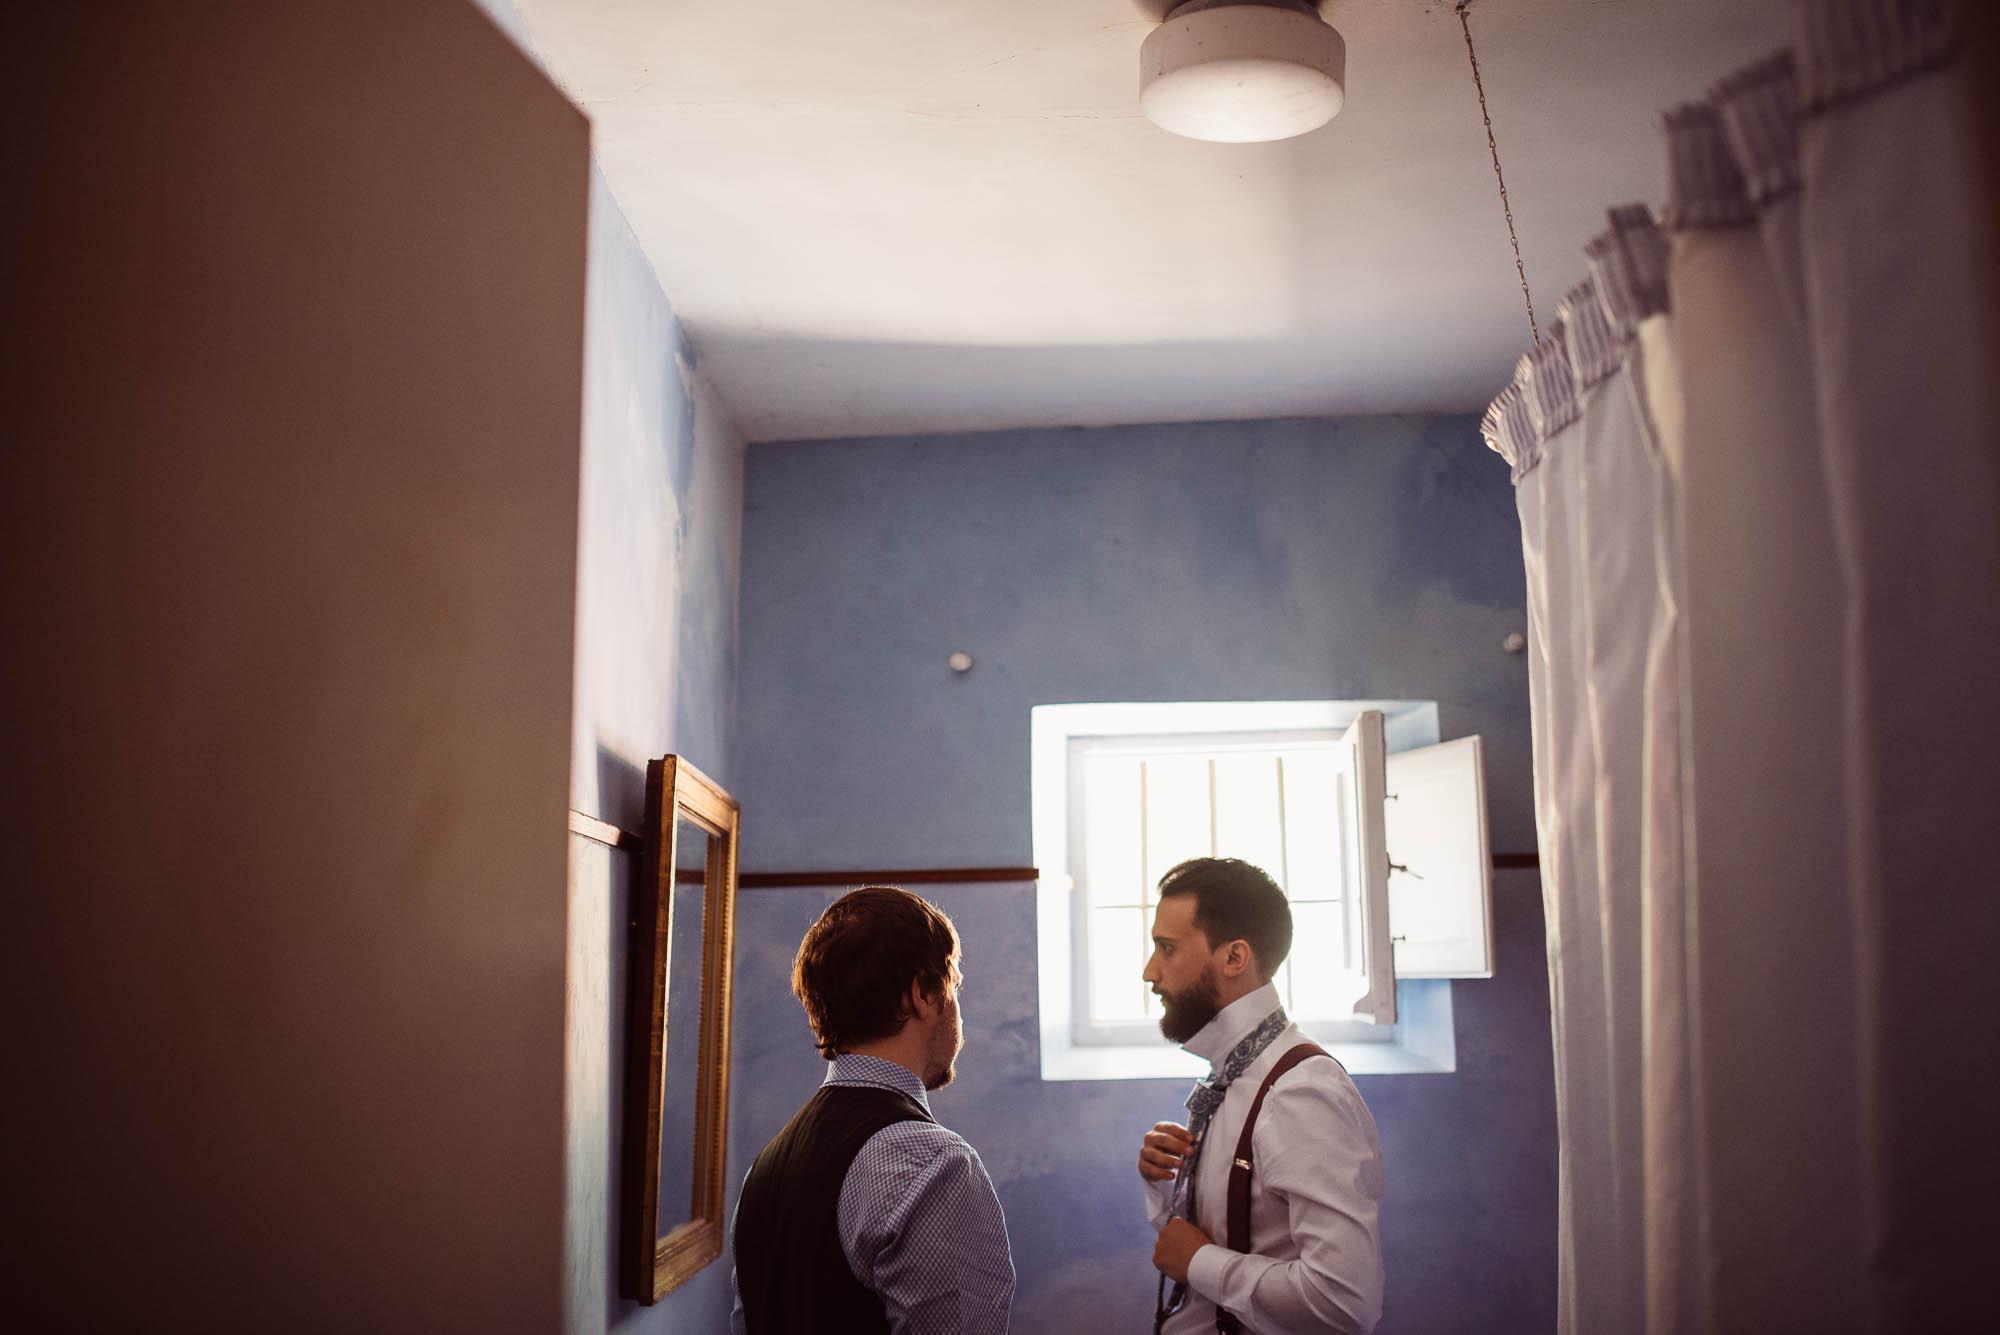 El novio se coloca la corbata frente al espejo durante los preparativos